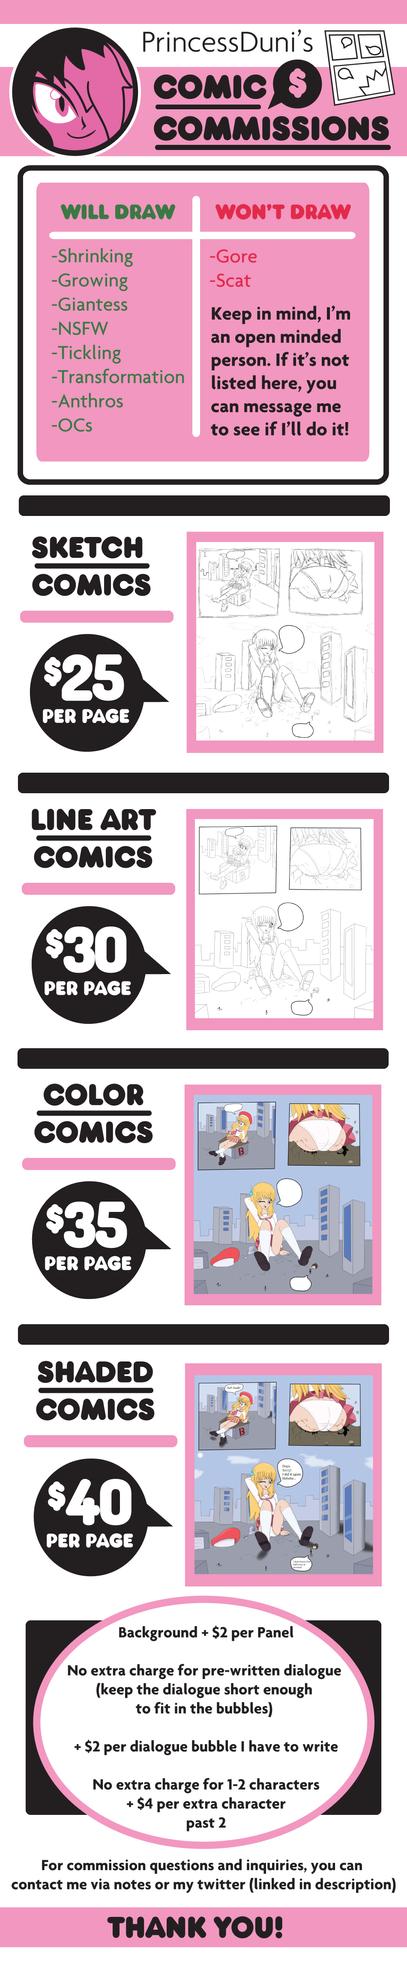 Duni-Comic-Commissions 2018 by PrincessDuni